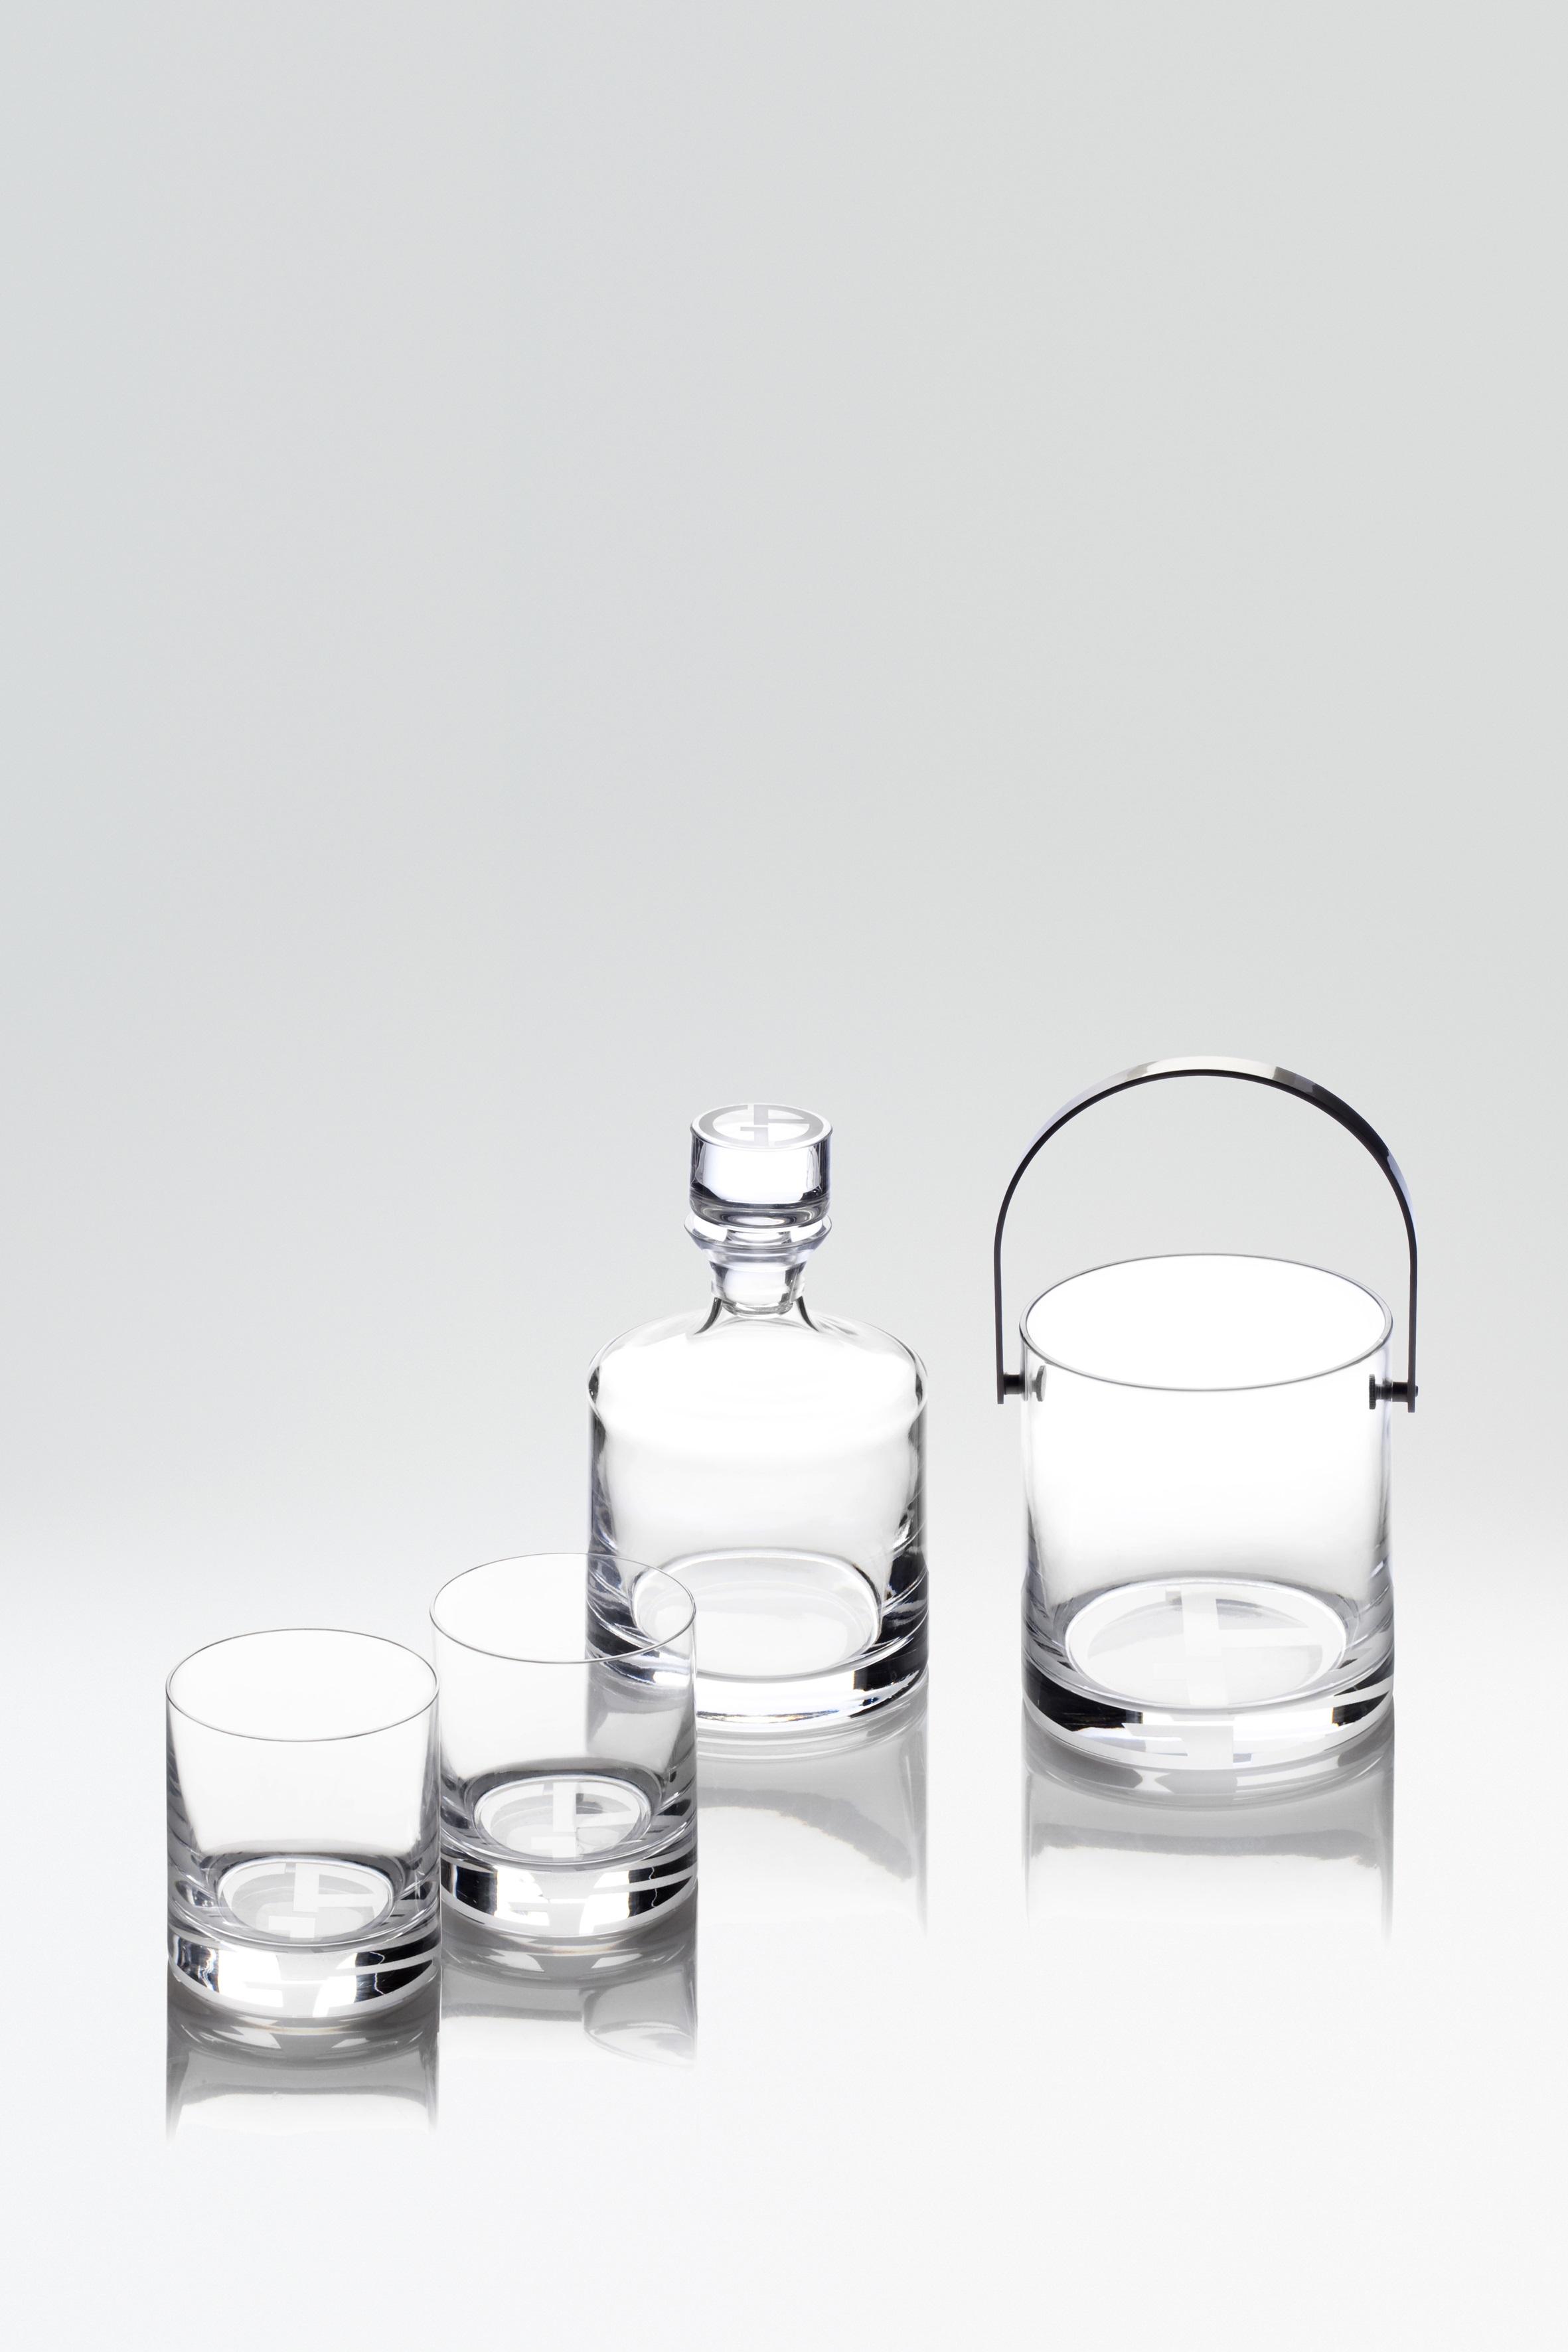 <左から> ウィスキーグラス(W8,5xH8,5xH10cm)各¥10,200 ウィスキーボトル(W12xH12x21cm) ¥42,500 アイスバケット(W13xH13xH14cm) ¥42,500/すベてARMANI / CASA(ジョルジオ アルマーニ)